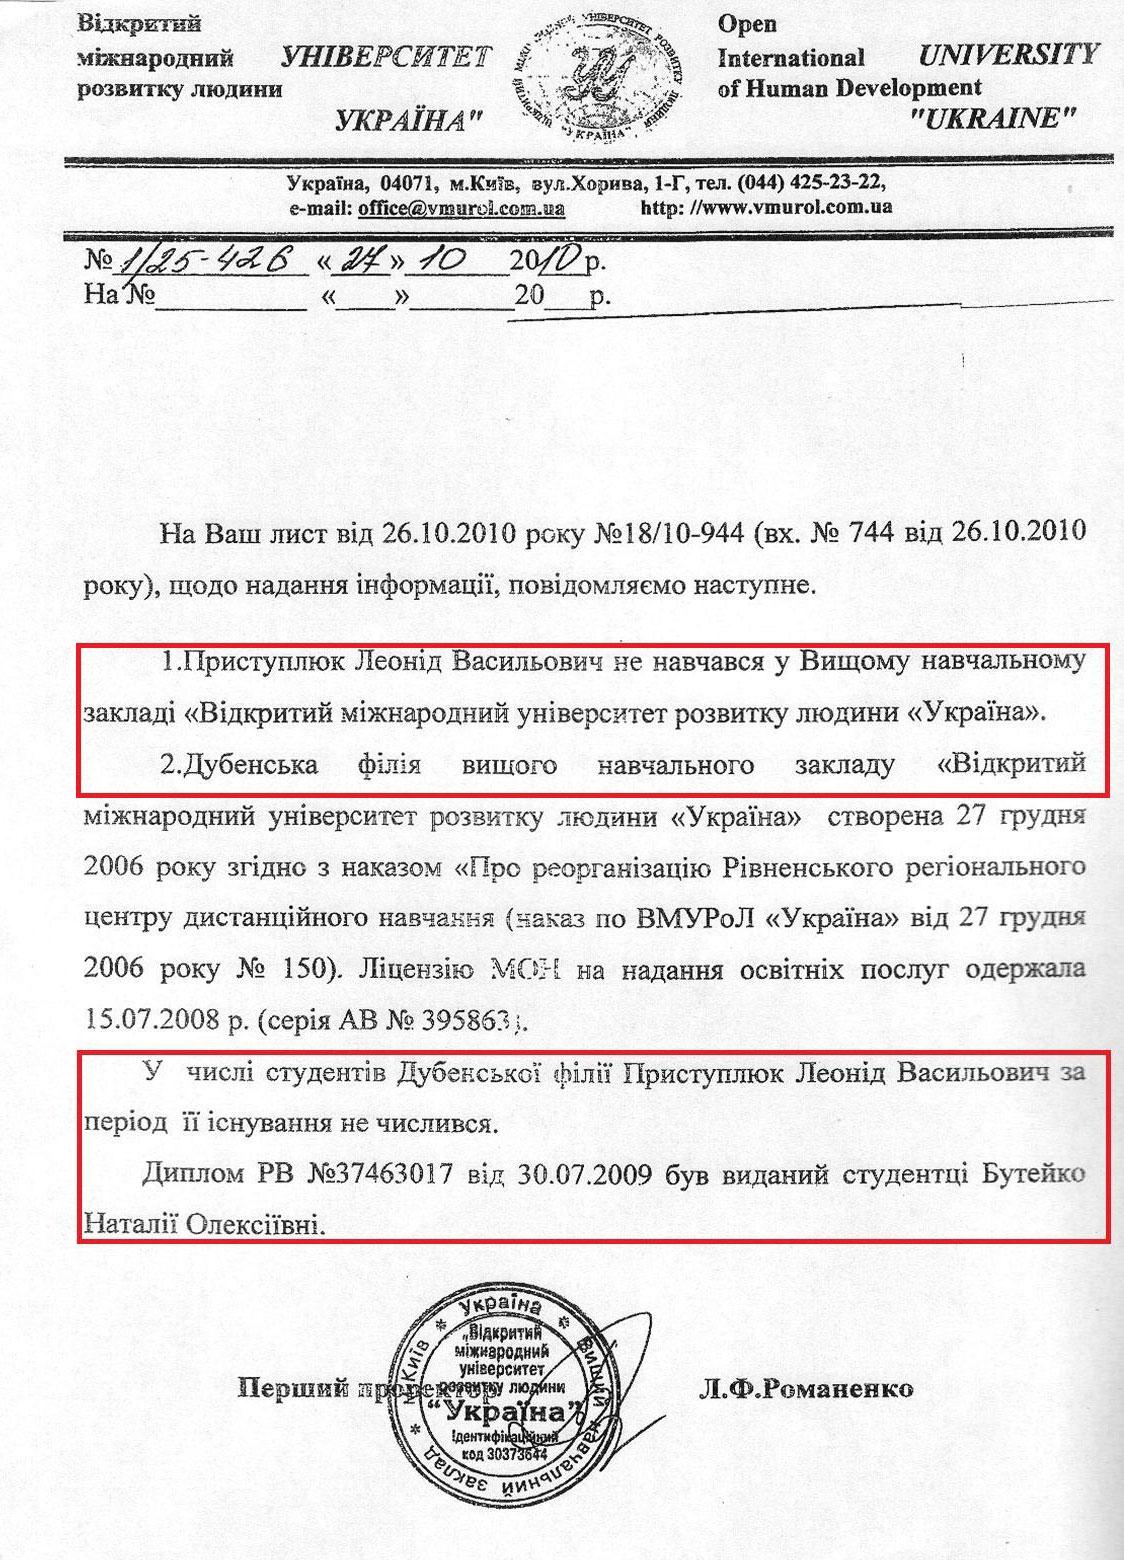 Водитель для Юрия Луценко, или по ком тюрьма плачет (Документы)